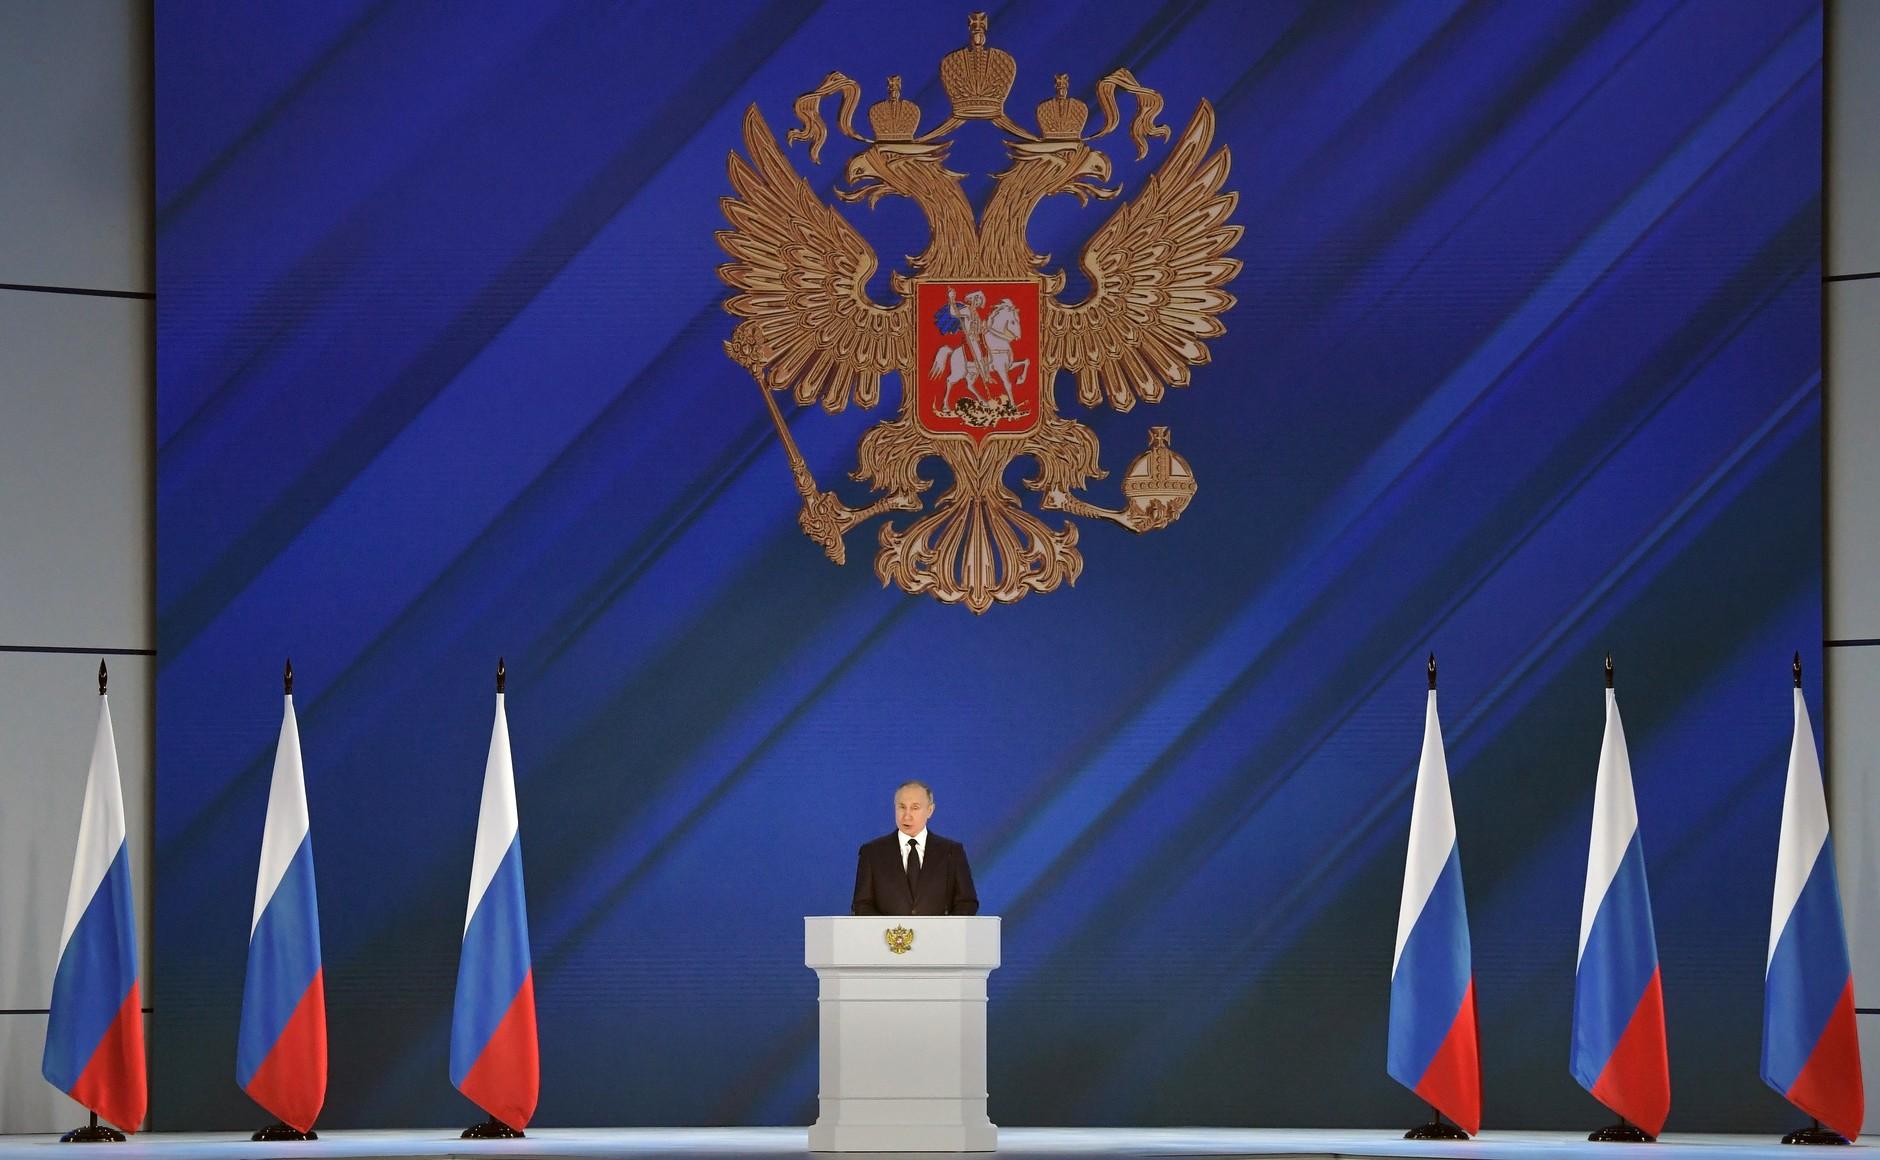 Владимир Путин: Обновление домов культуры и библиотек сельской местности – чрезвычайно важное направление